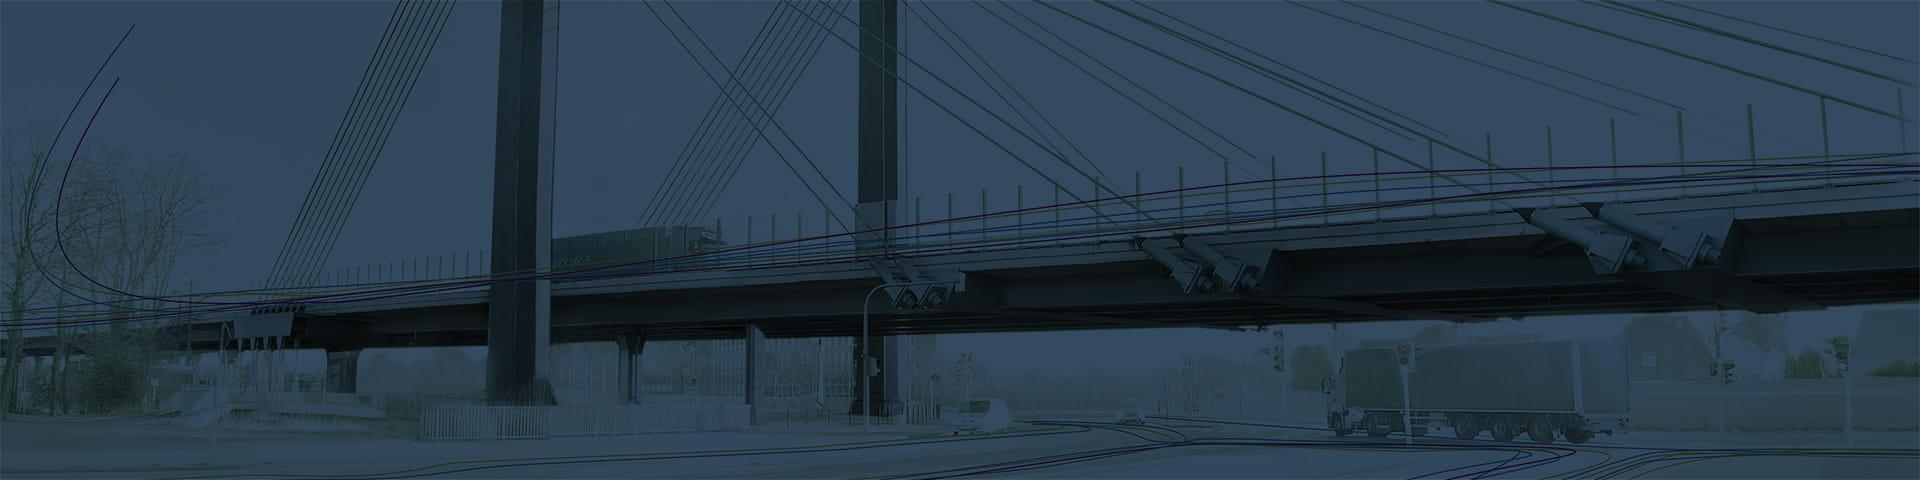 SCHROIFF in Bremen - Zukunftsorientierte Technologien und ...